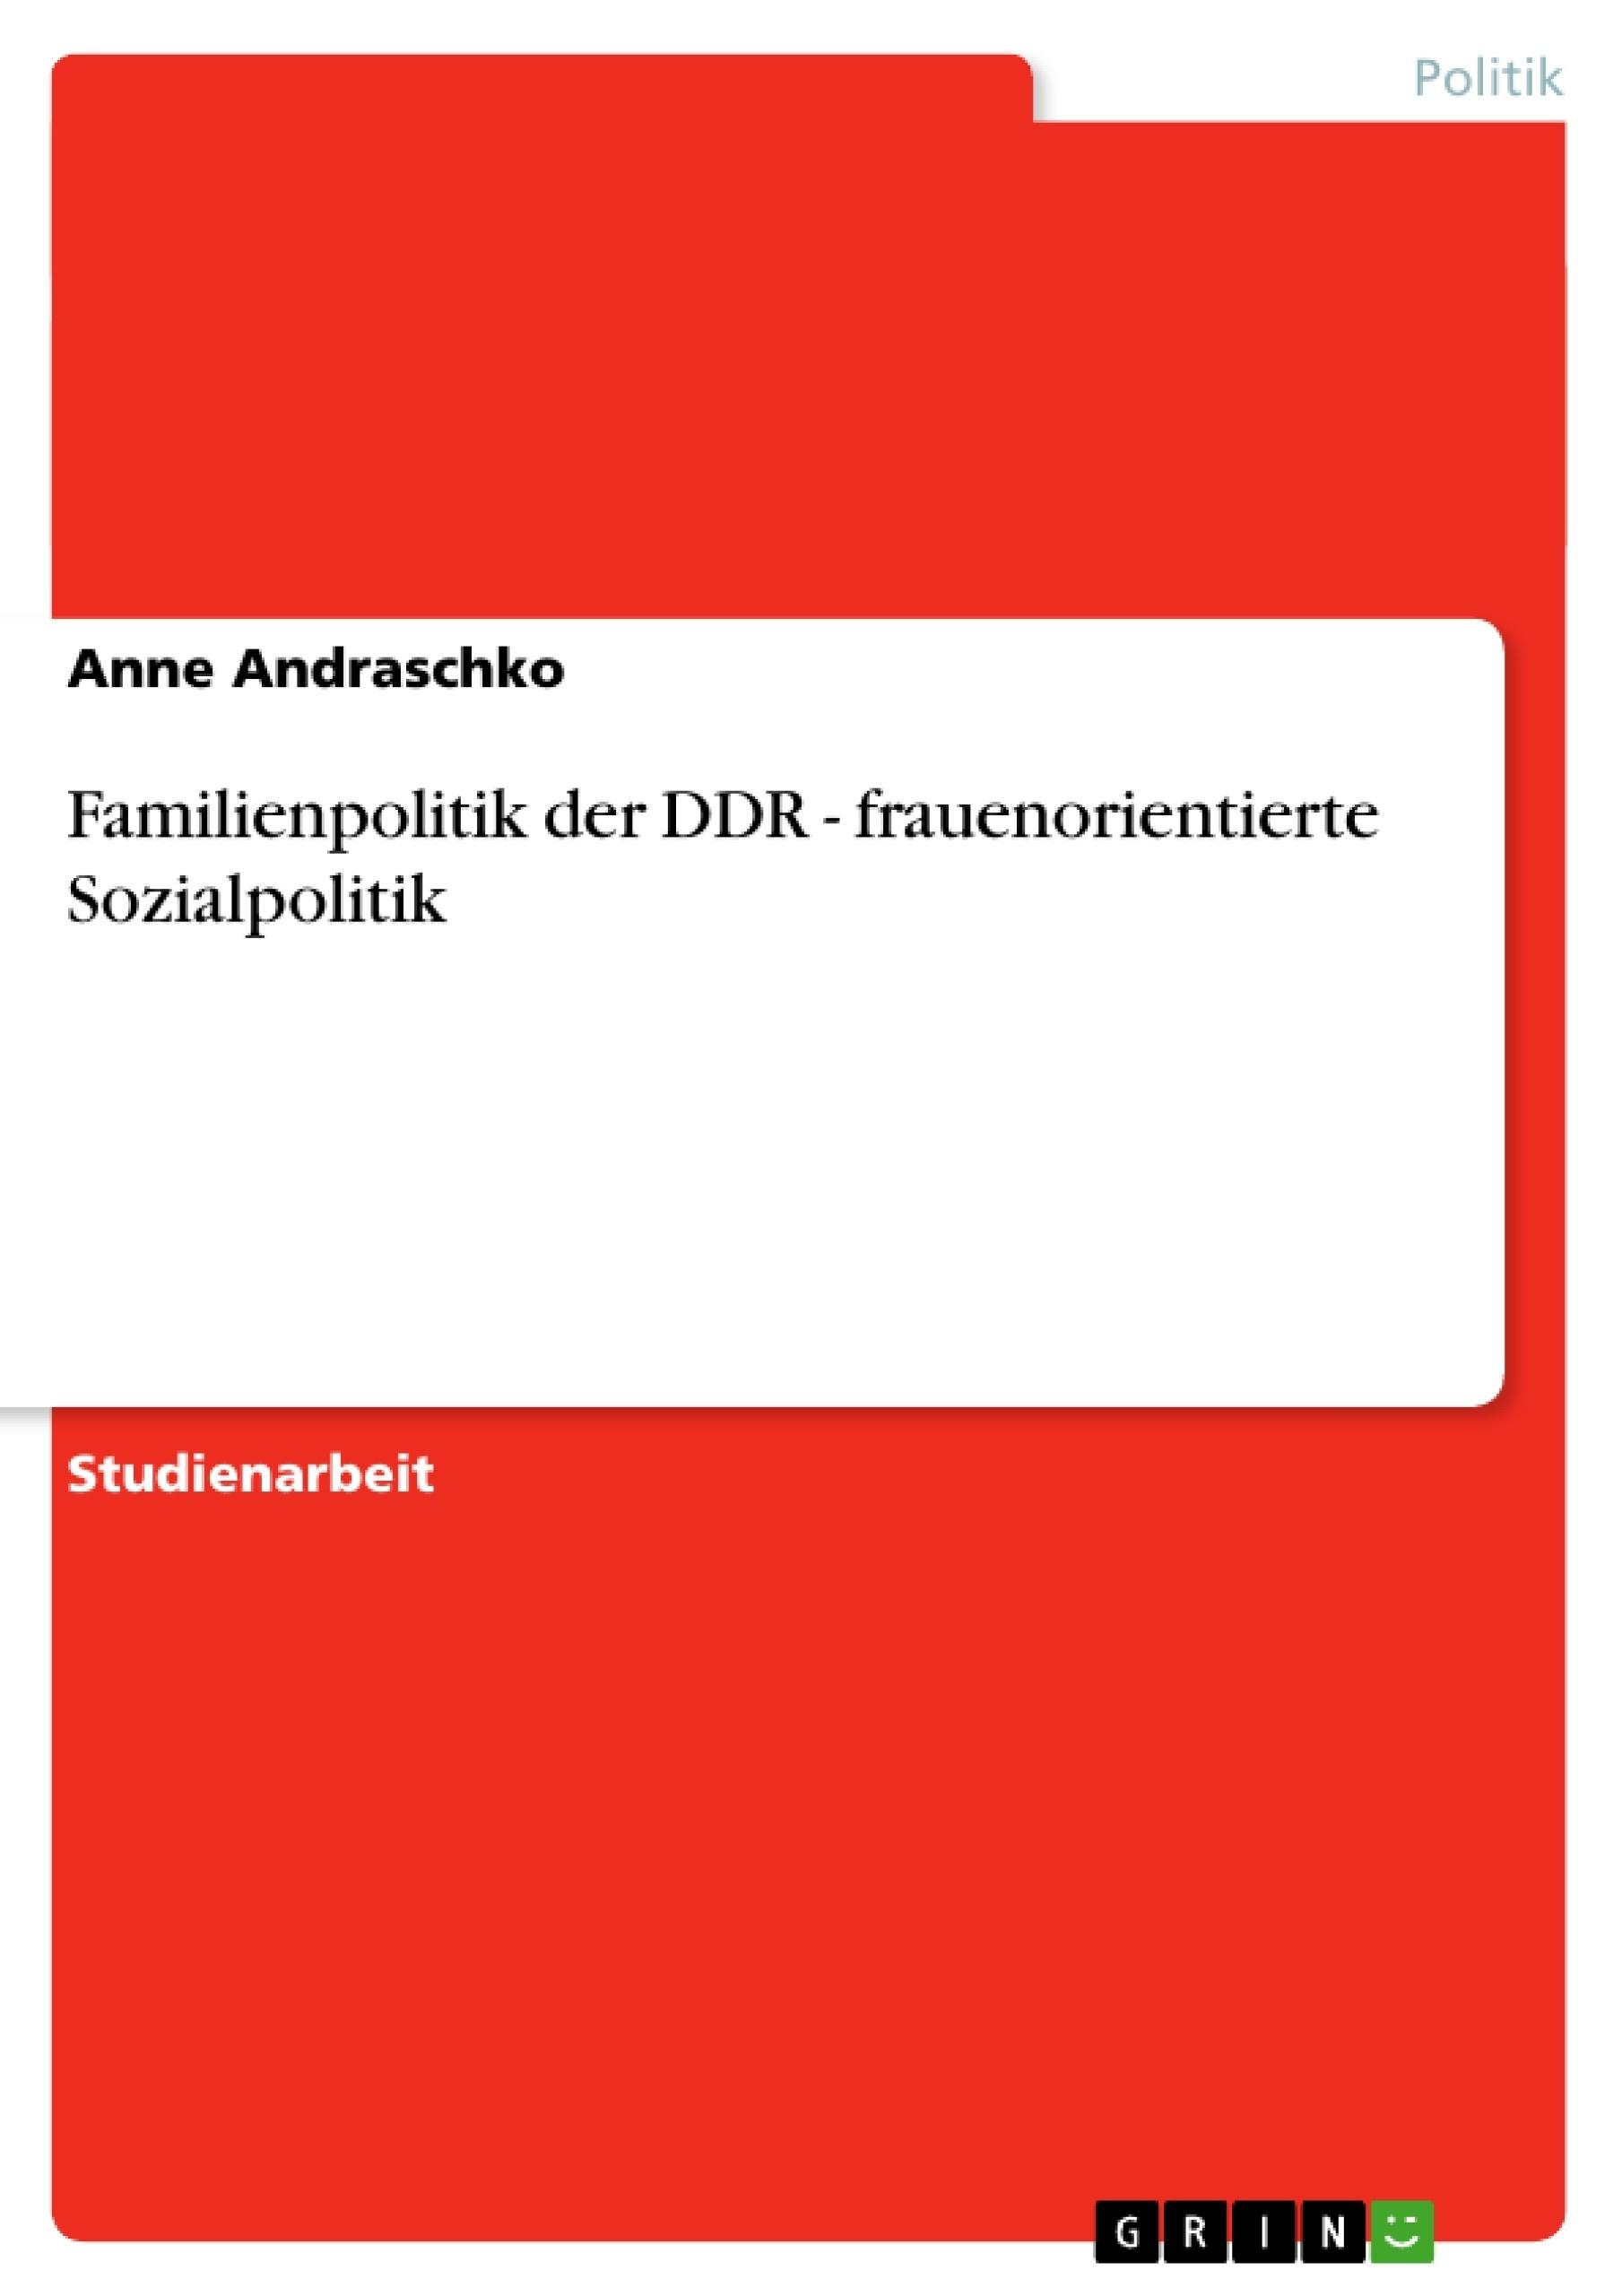 Titel: Familienpolitik der DDR - frauenorientierte Sozialpolitik